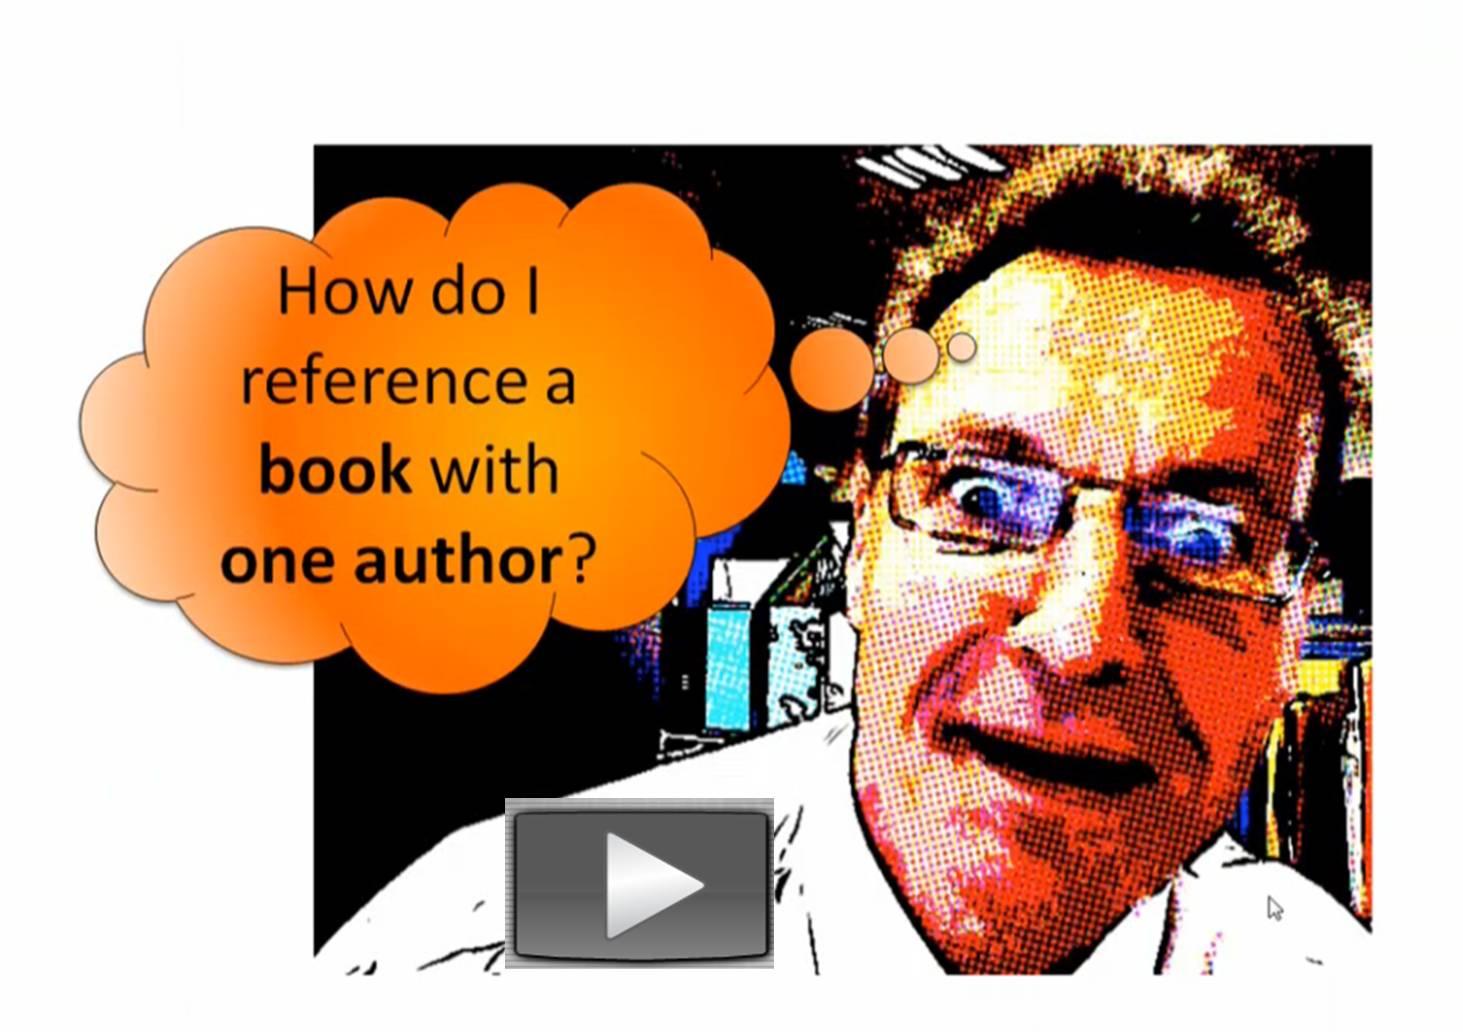 1 author